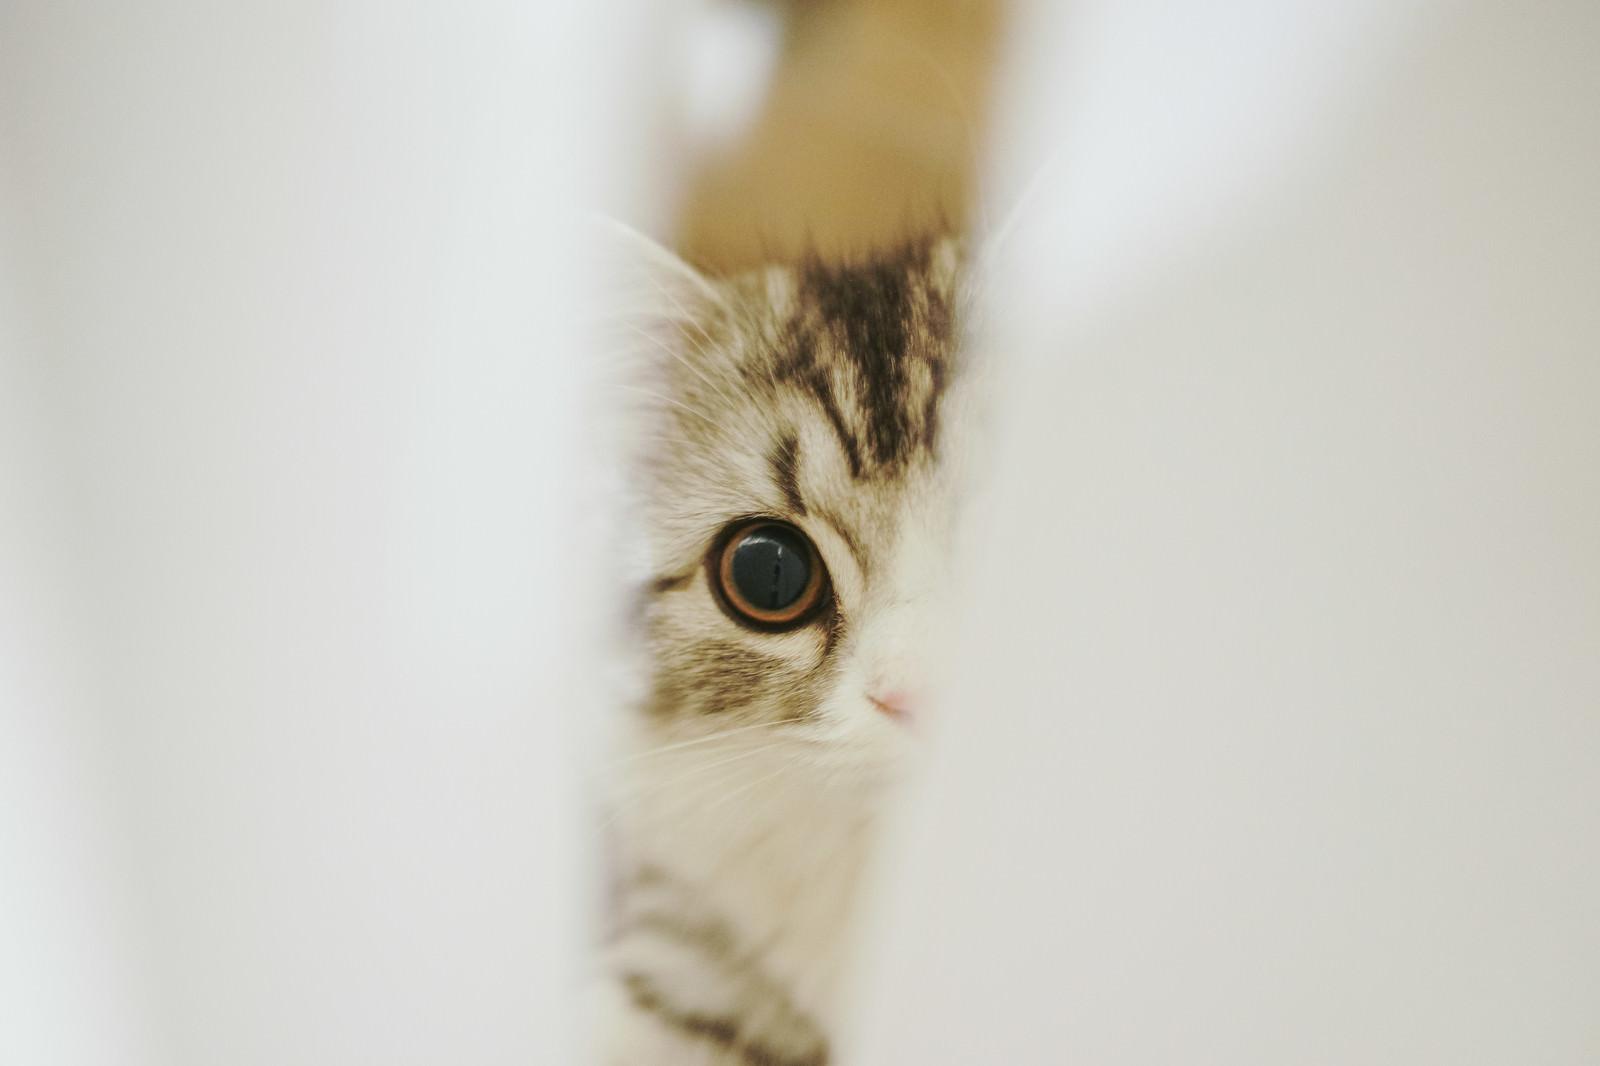 「隙間から覗き込む猫」の写真